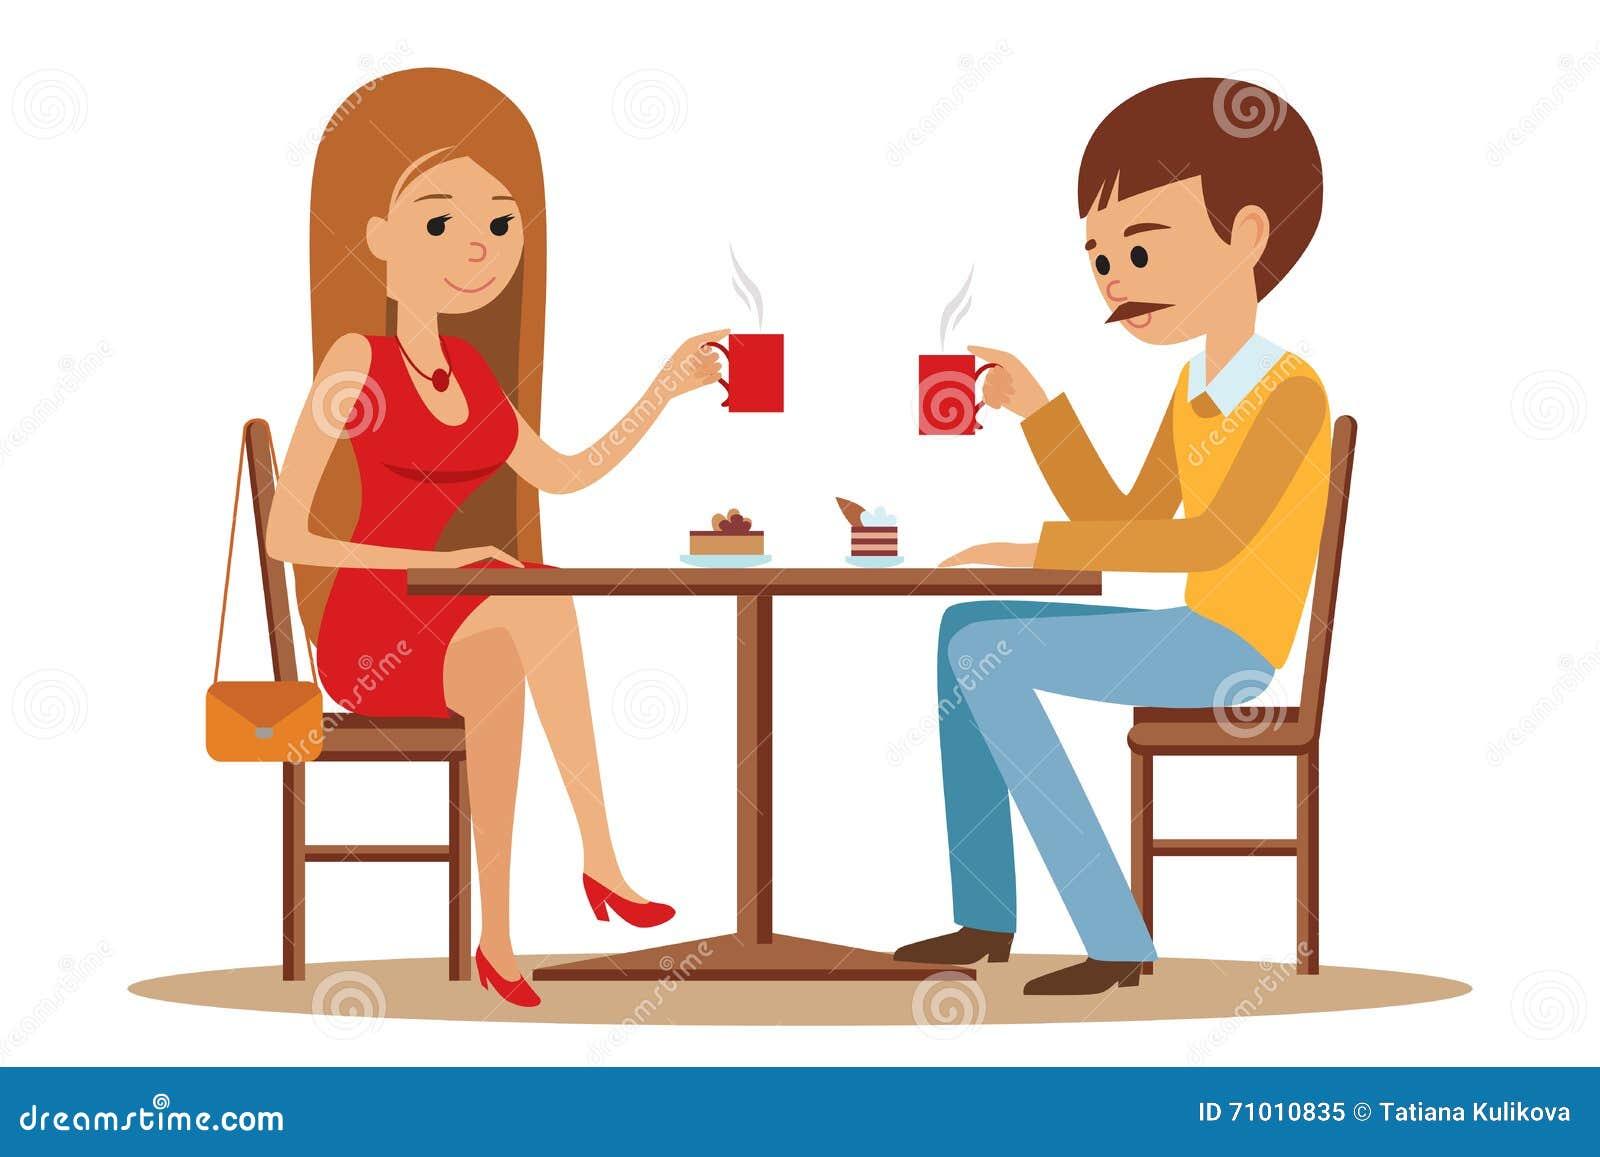 Acople o assento no café, flertar e falar sobre algo